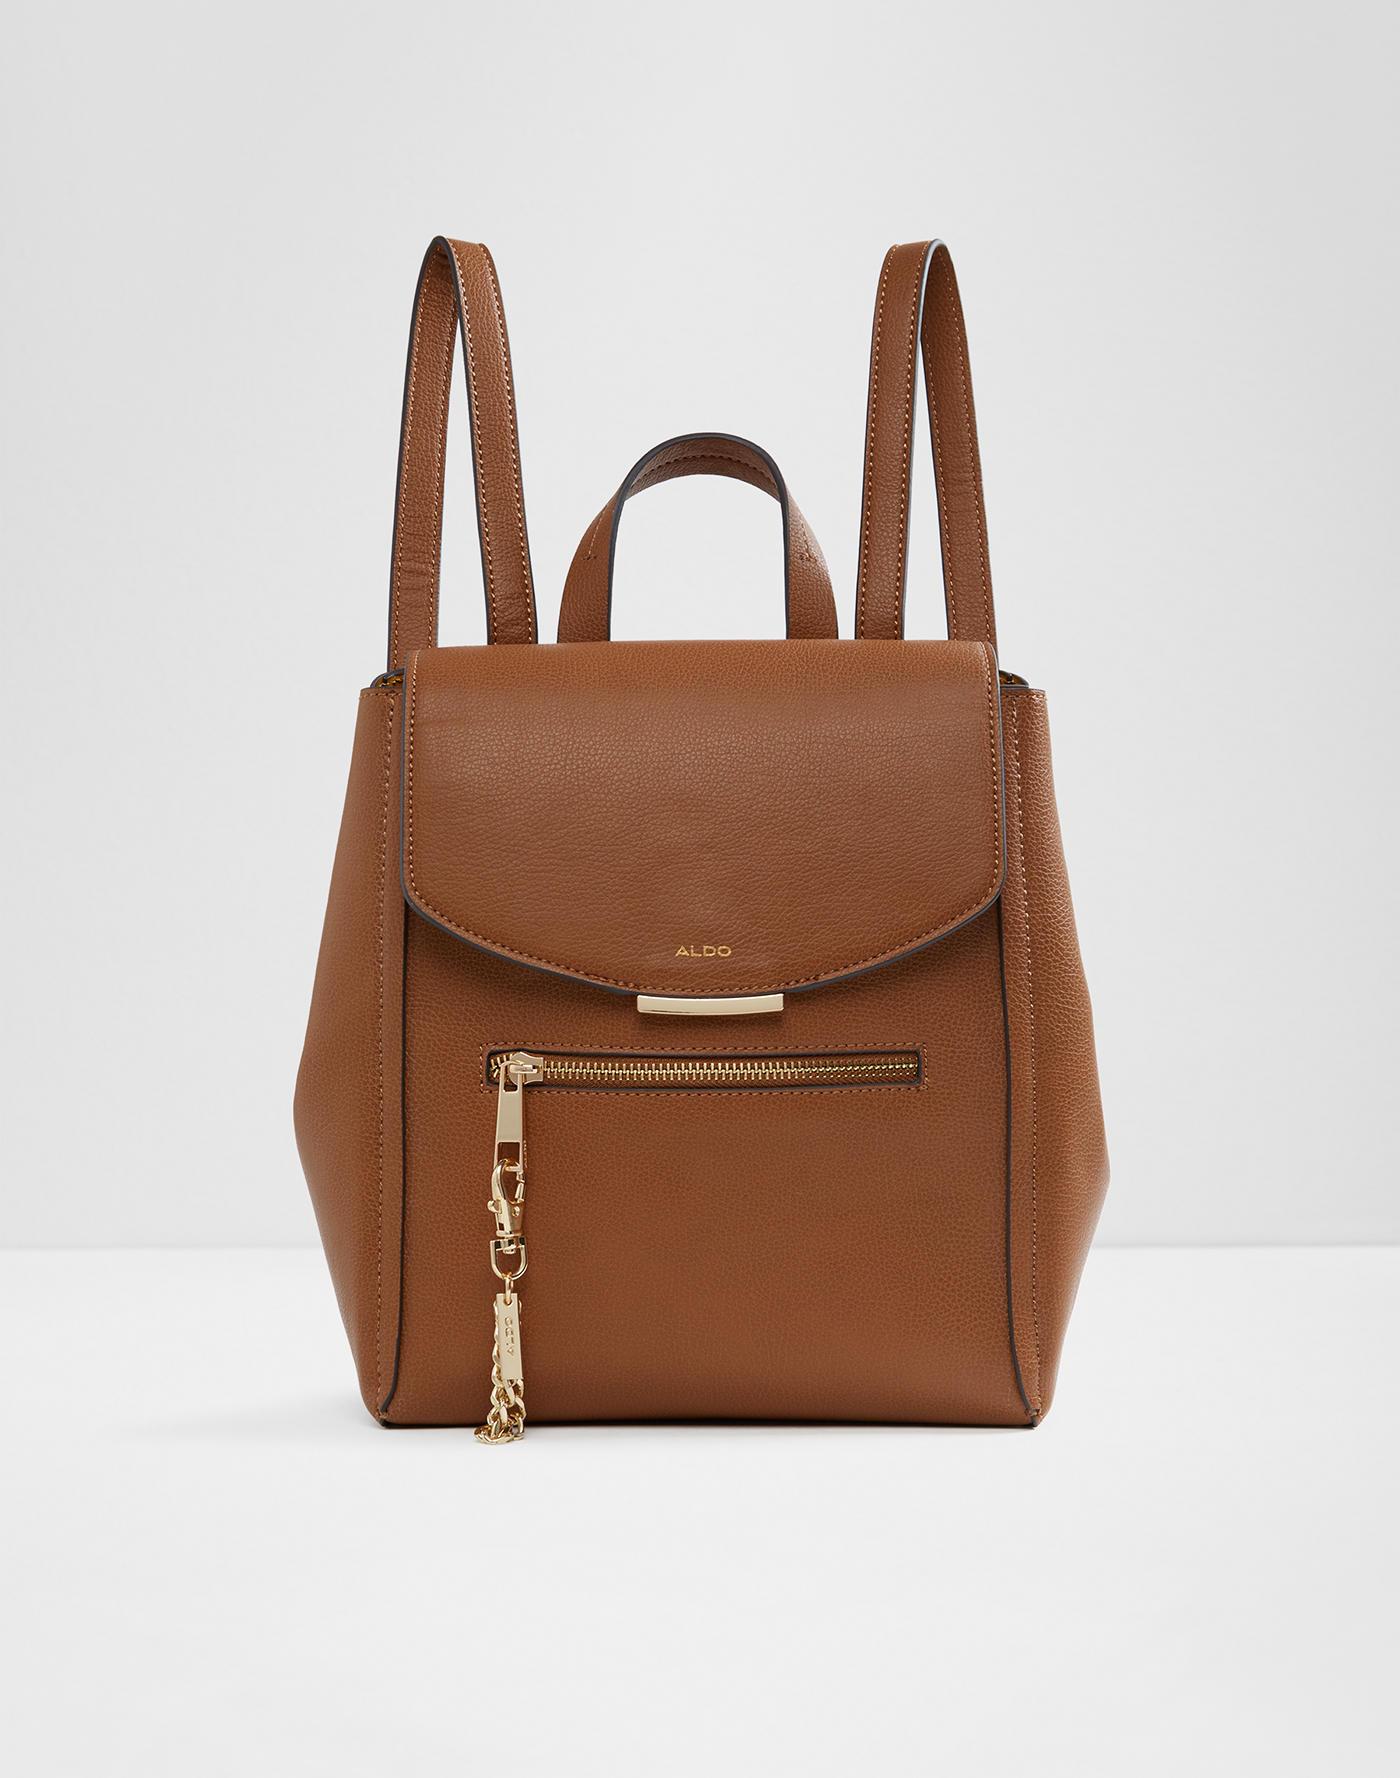 0378d538e4 Handbags Aldo Canada. Castagnaro Crossbody Bag